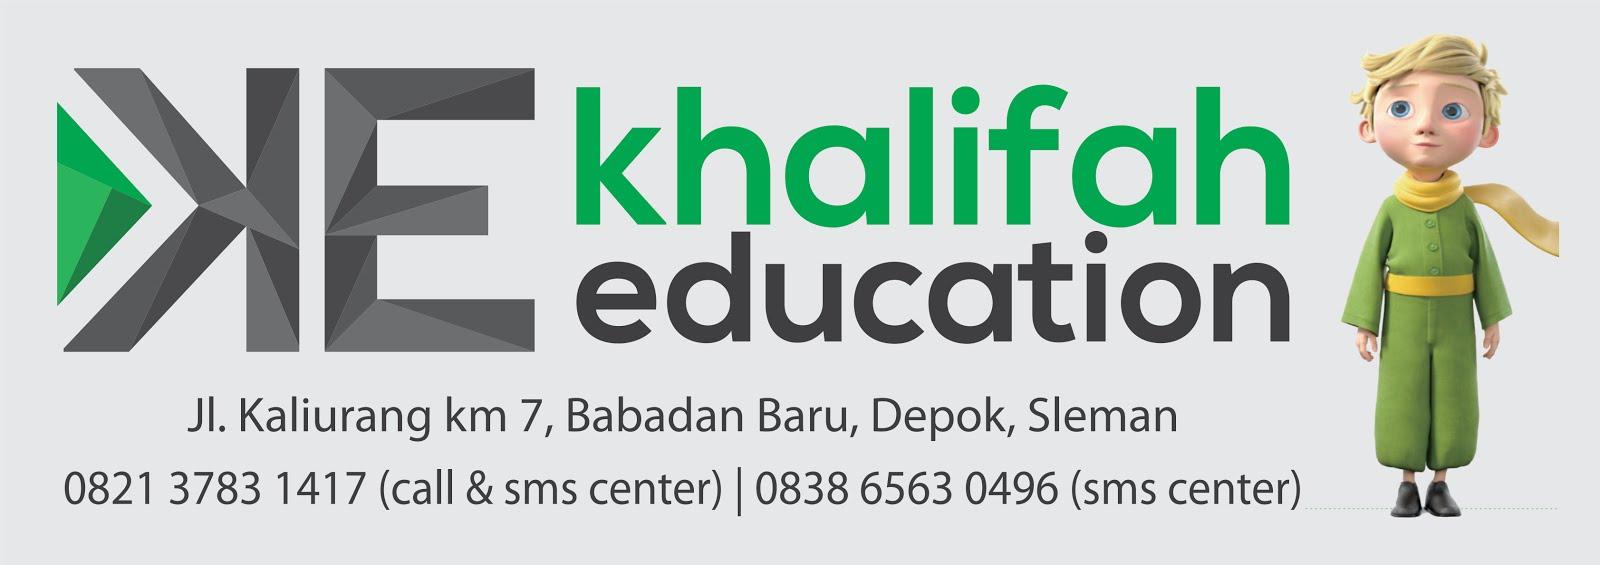 Les Privat Yogyakarta - Khalifah Education